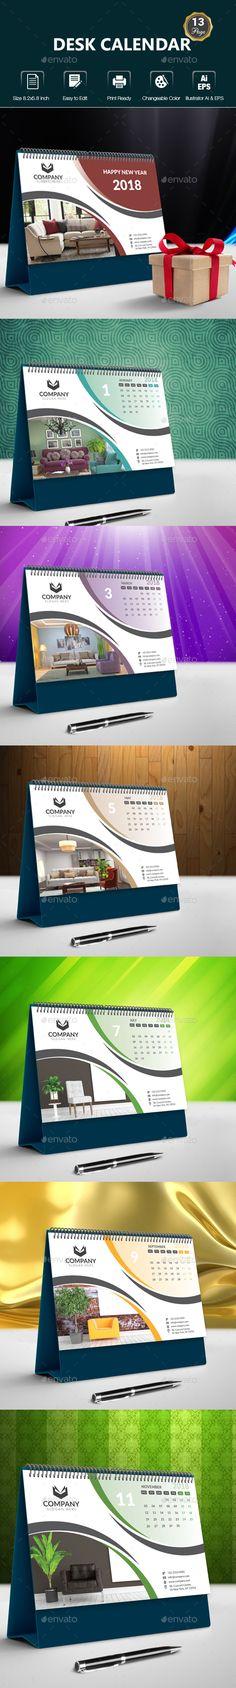 Desk Calendar - #Calendars #Stationery